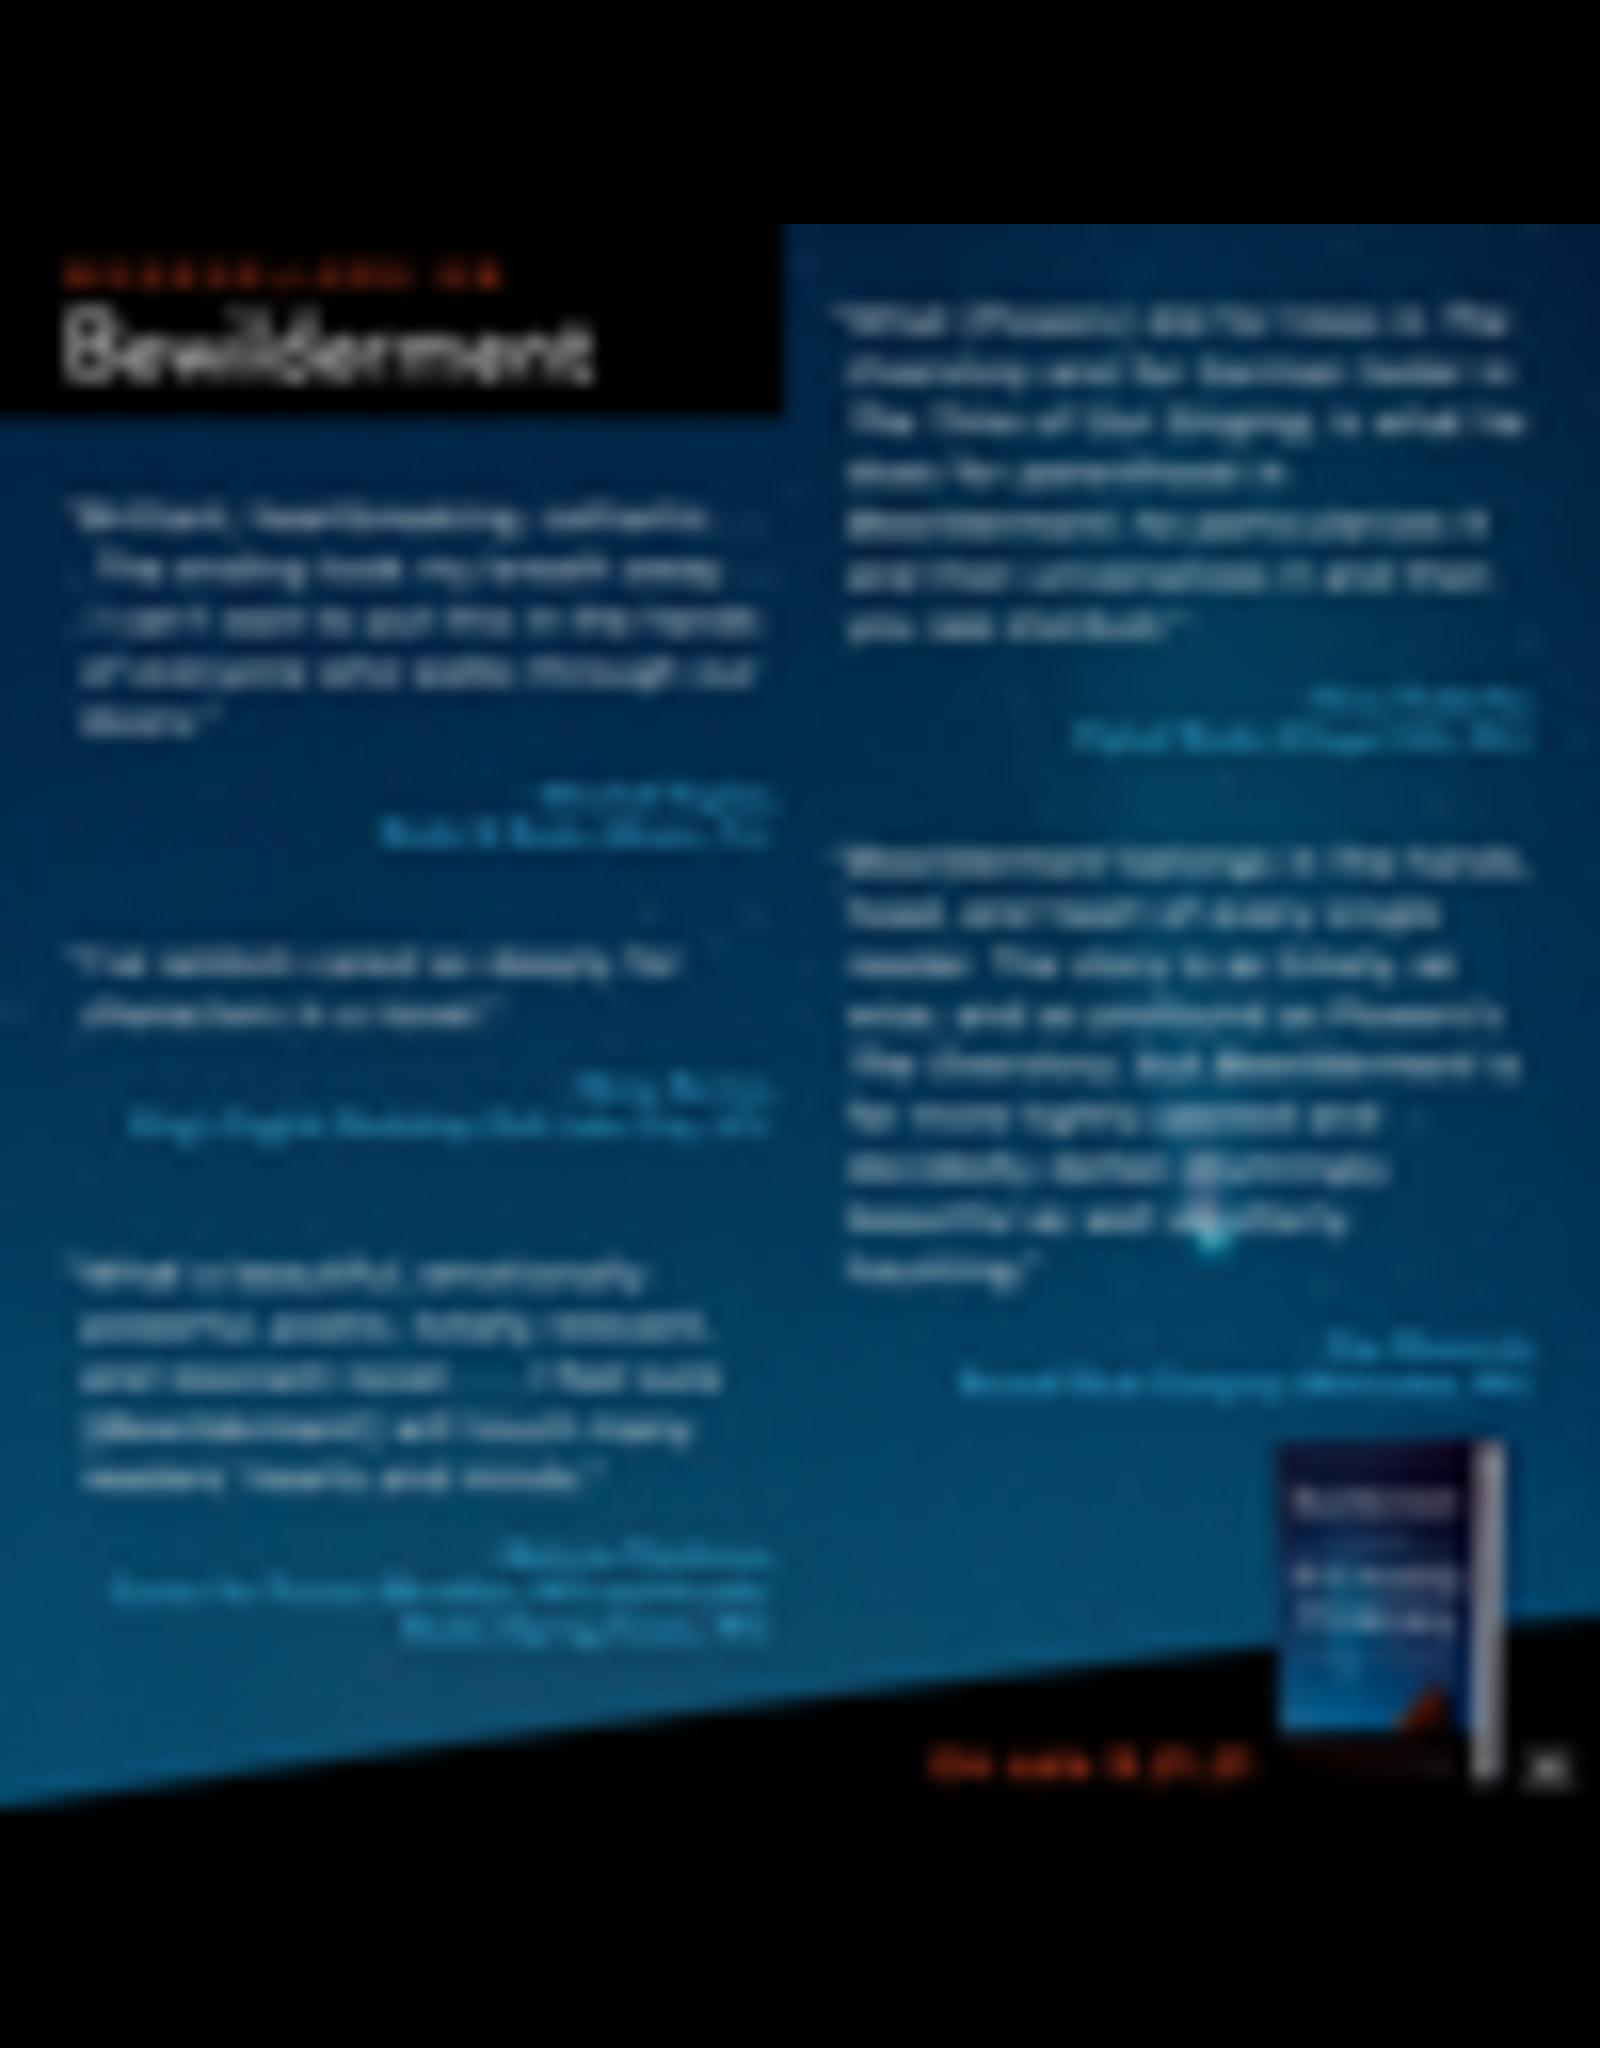 Books Bewilderment: A Novel by Richard Powers